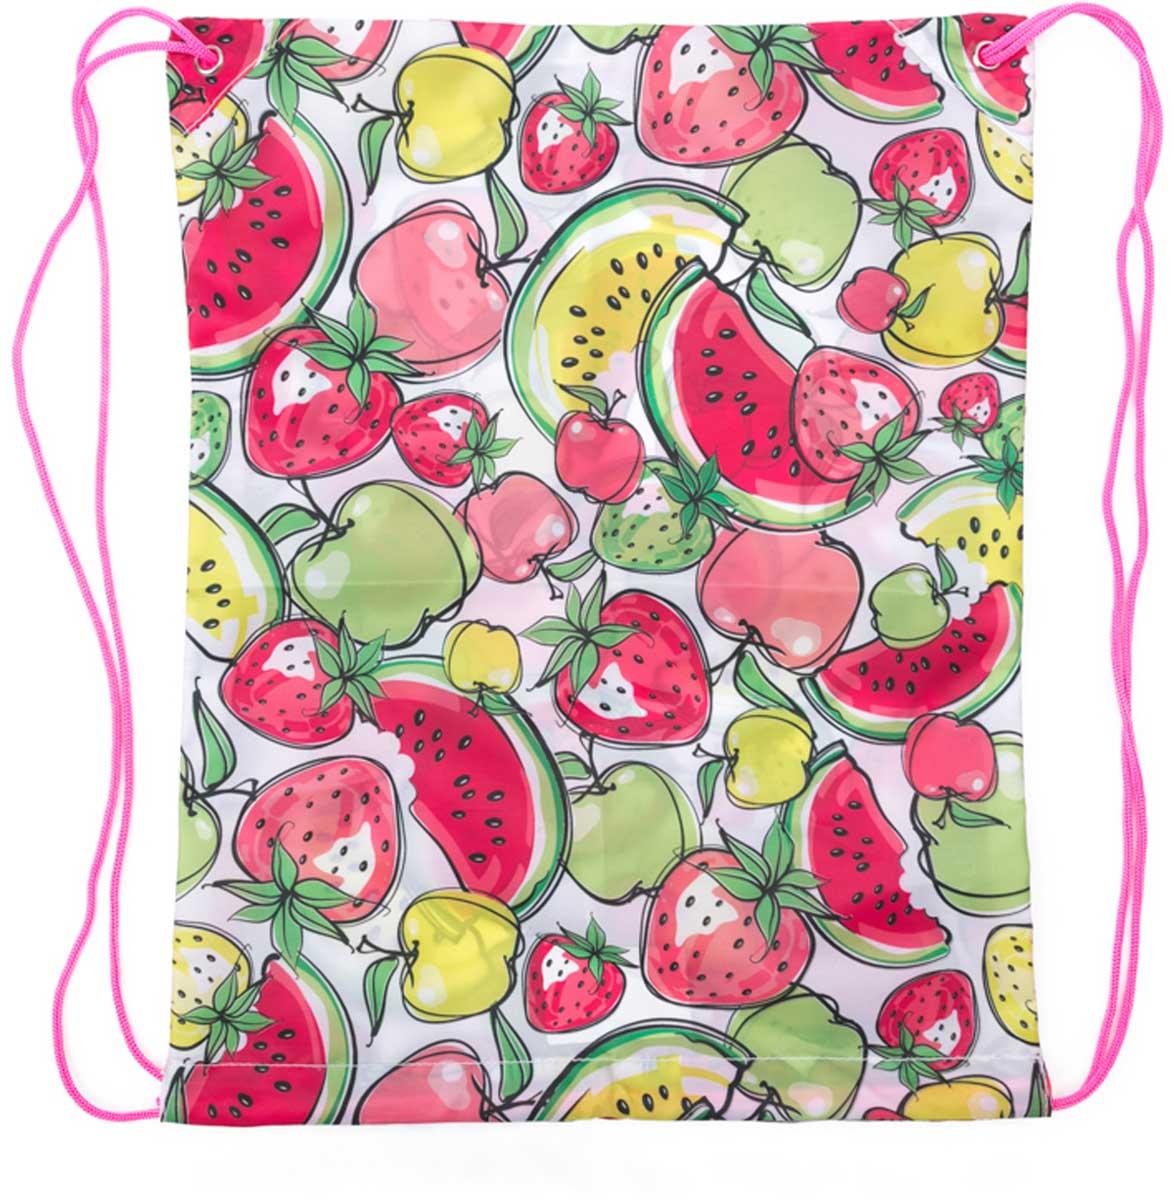 Рюкзак для девочки PlayToday, цвет: розовый, зеленый, белый. 172706S76245Стильный рюкзак для девочки выполнен из полиэстера и украшен оригинальным принтом. Верх утягивается шнурком. Рюкзак оснащен тонкими плечевыми лямками.